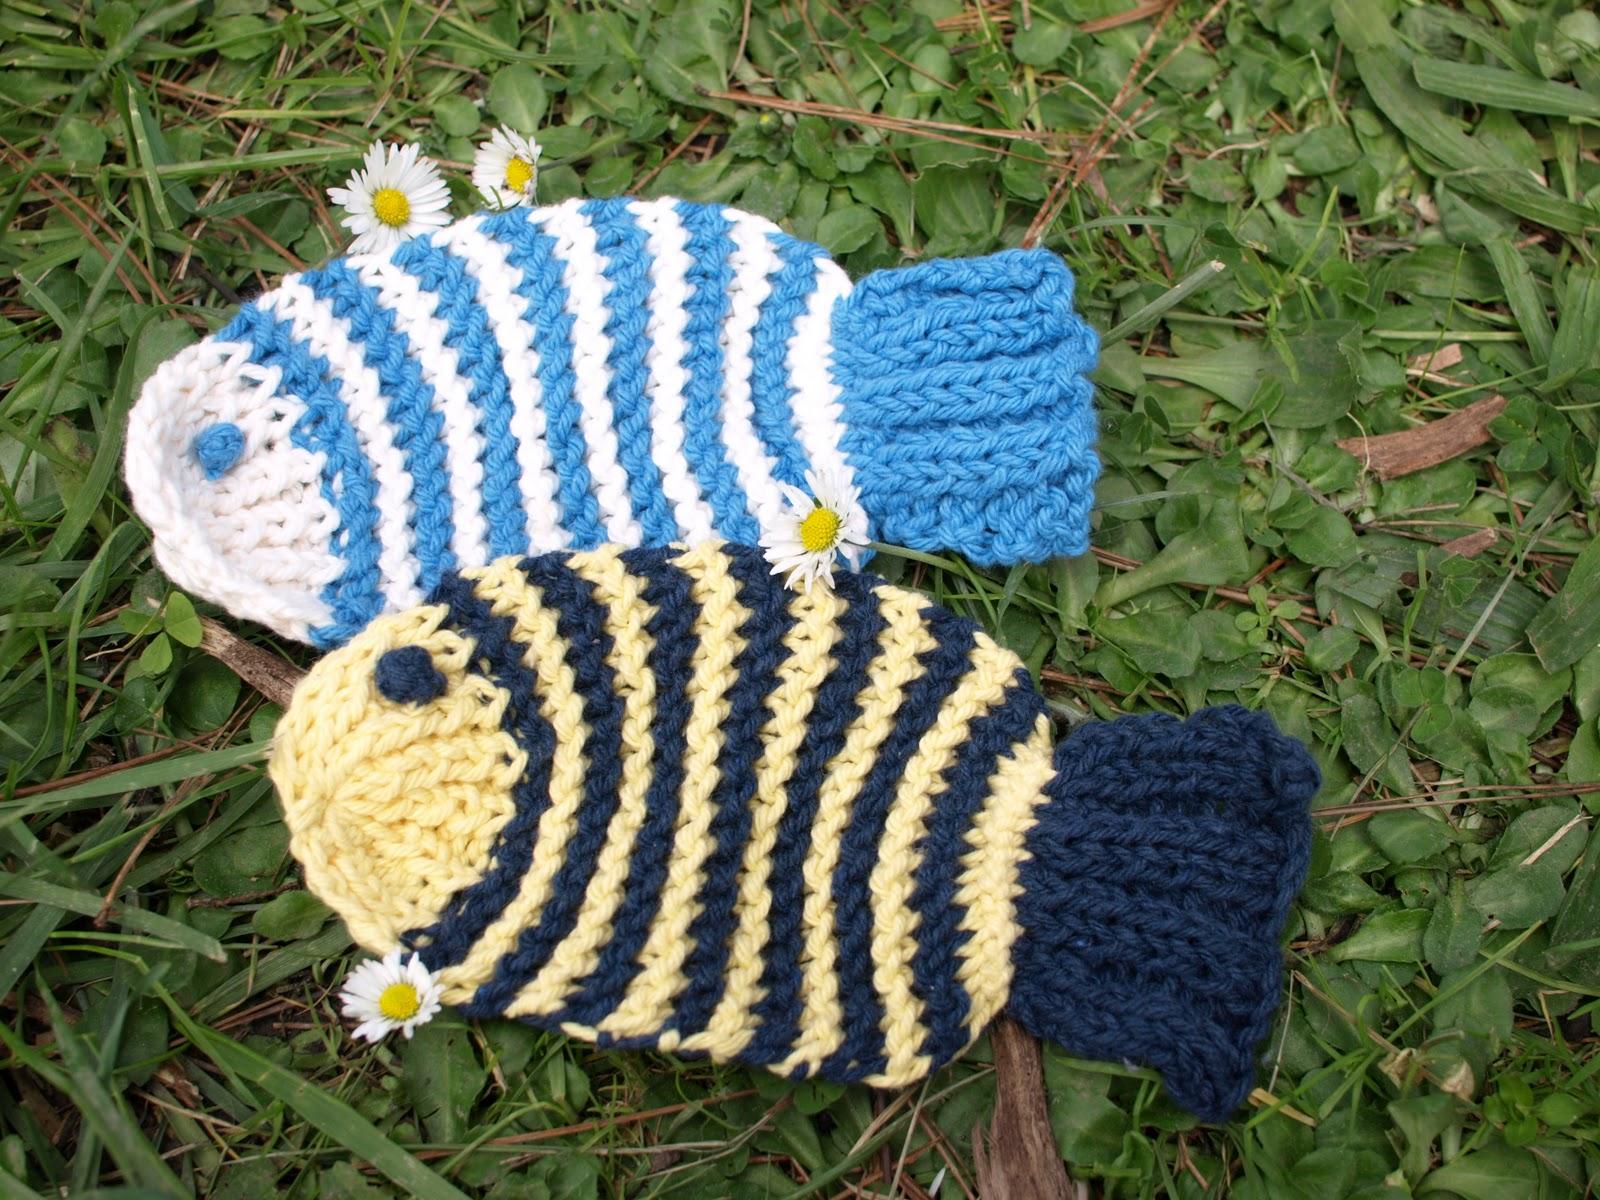 Knit Fish Pattern : Knits, Reads and Reviews: Knit Fish Tawashi